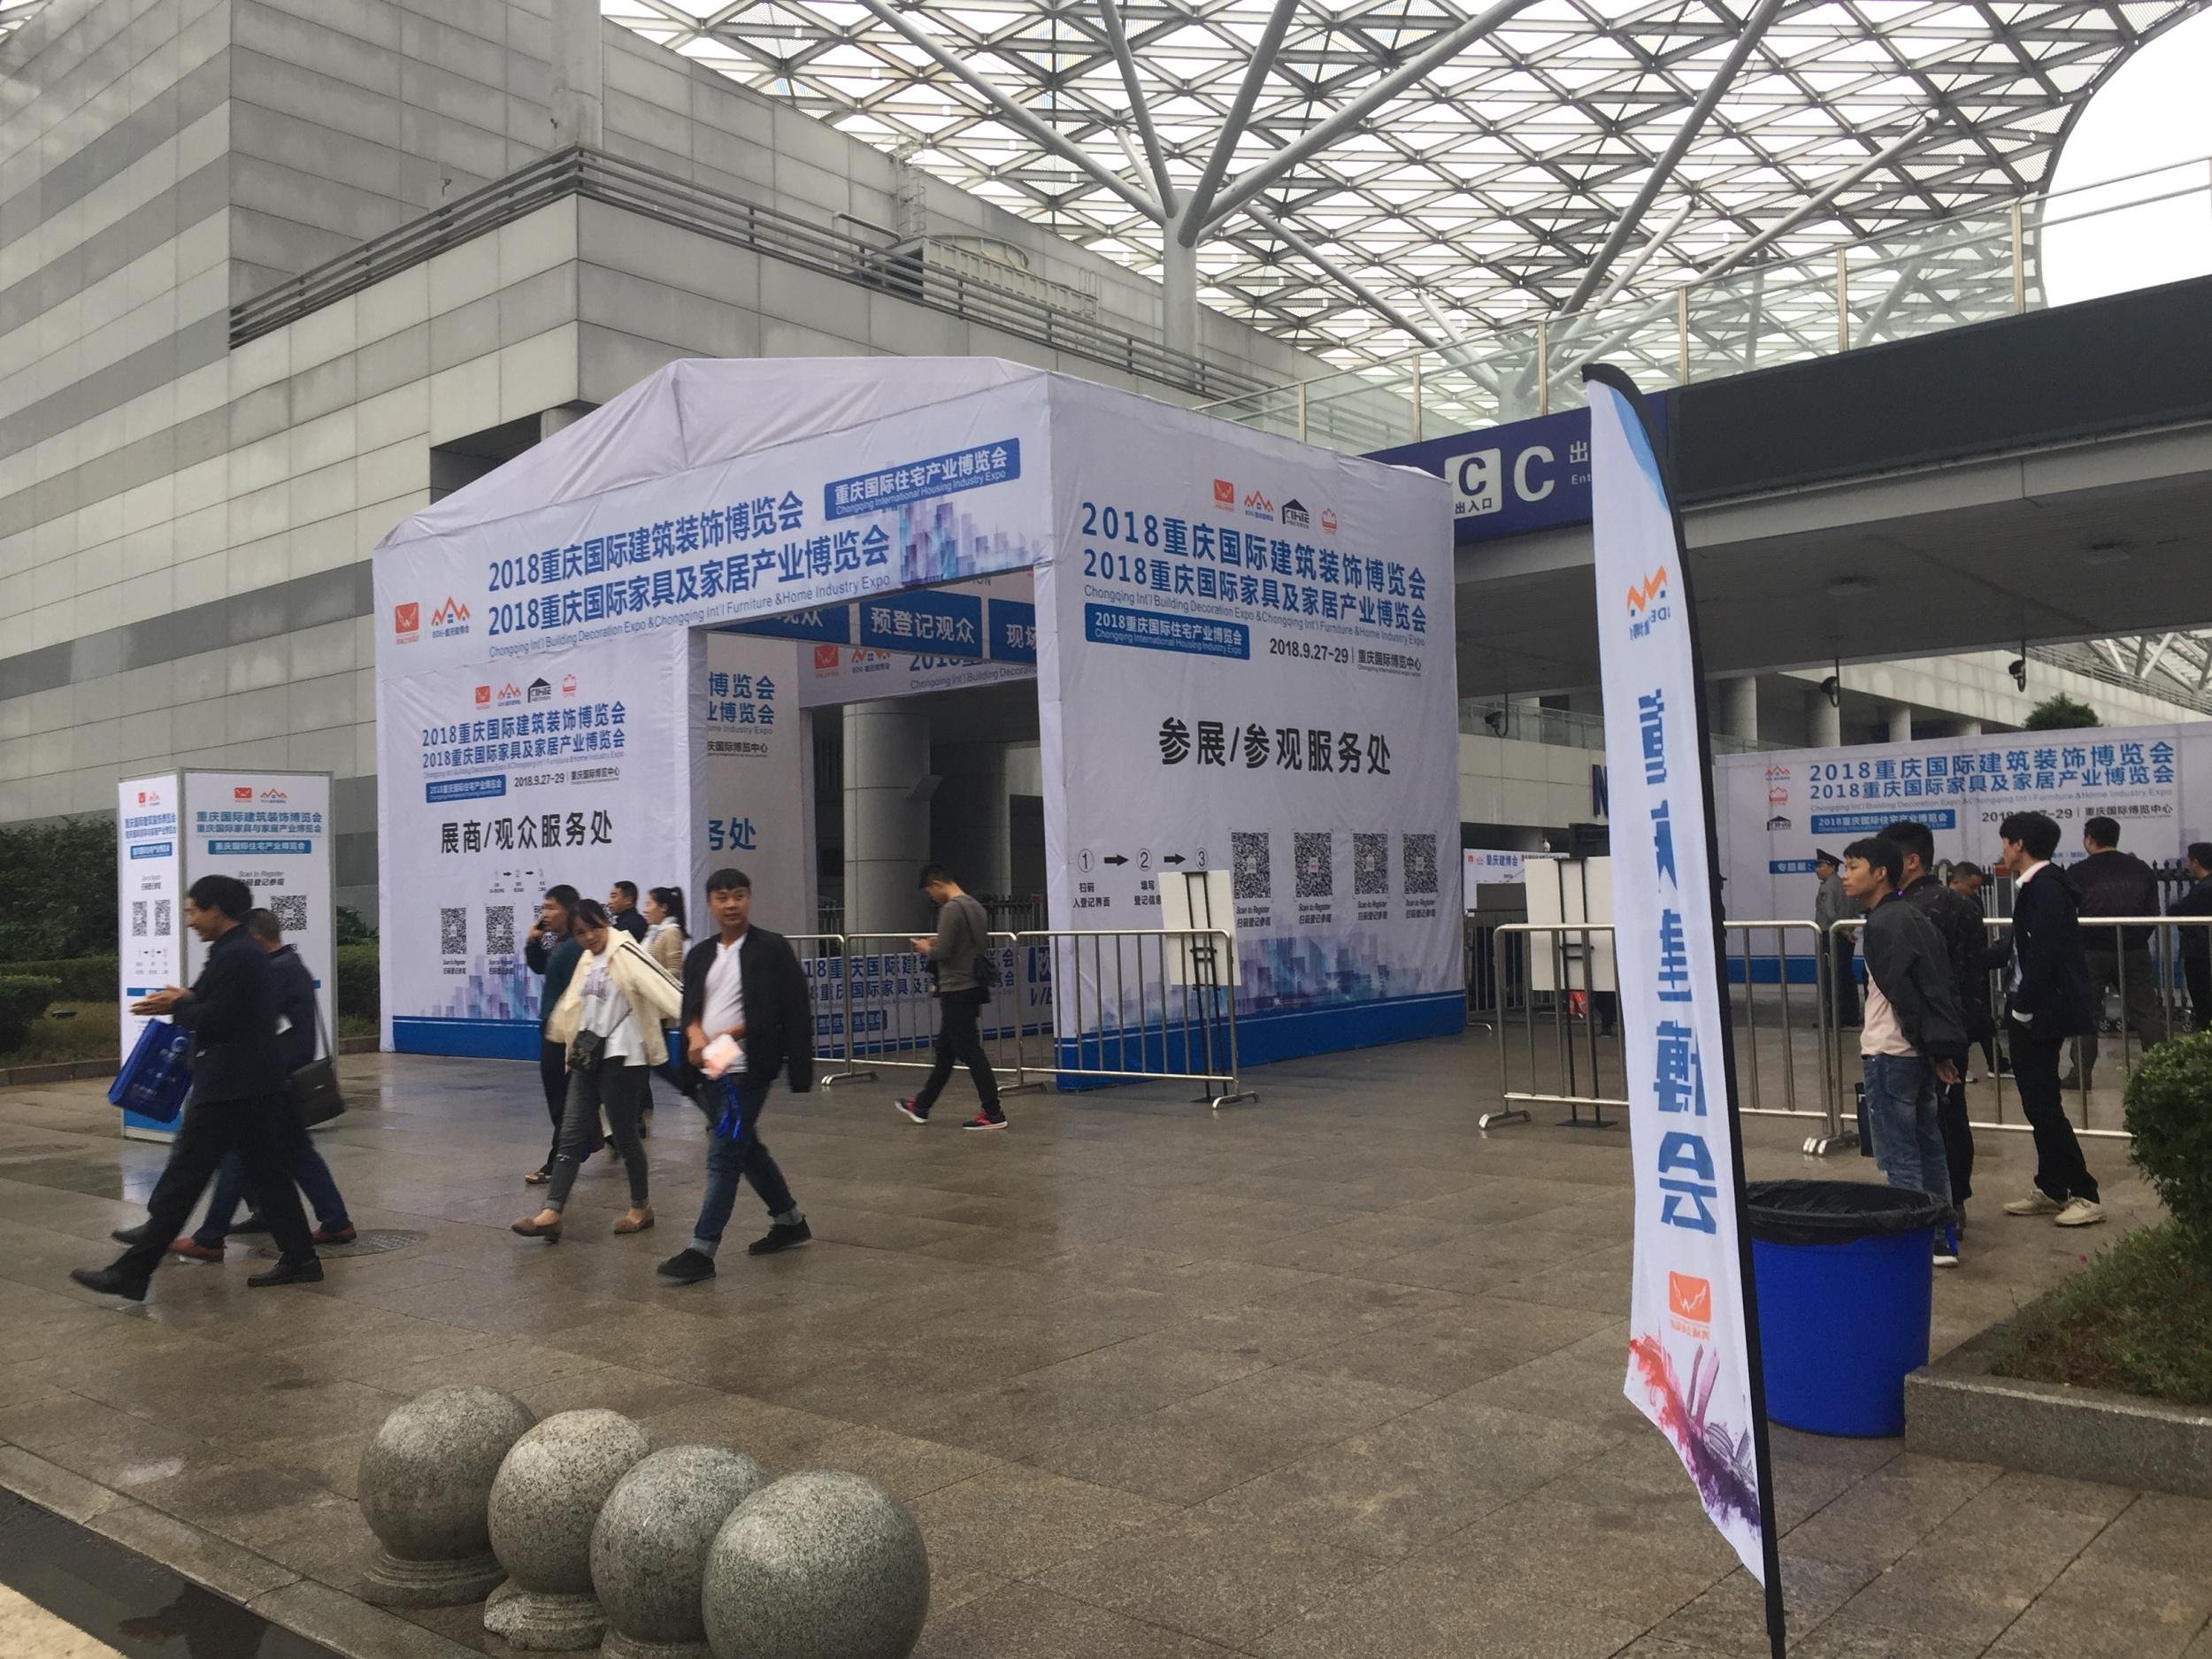 2018重庆国际建筑博览会风采回顾